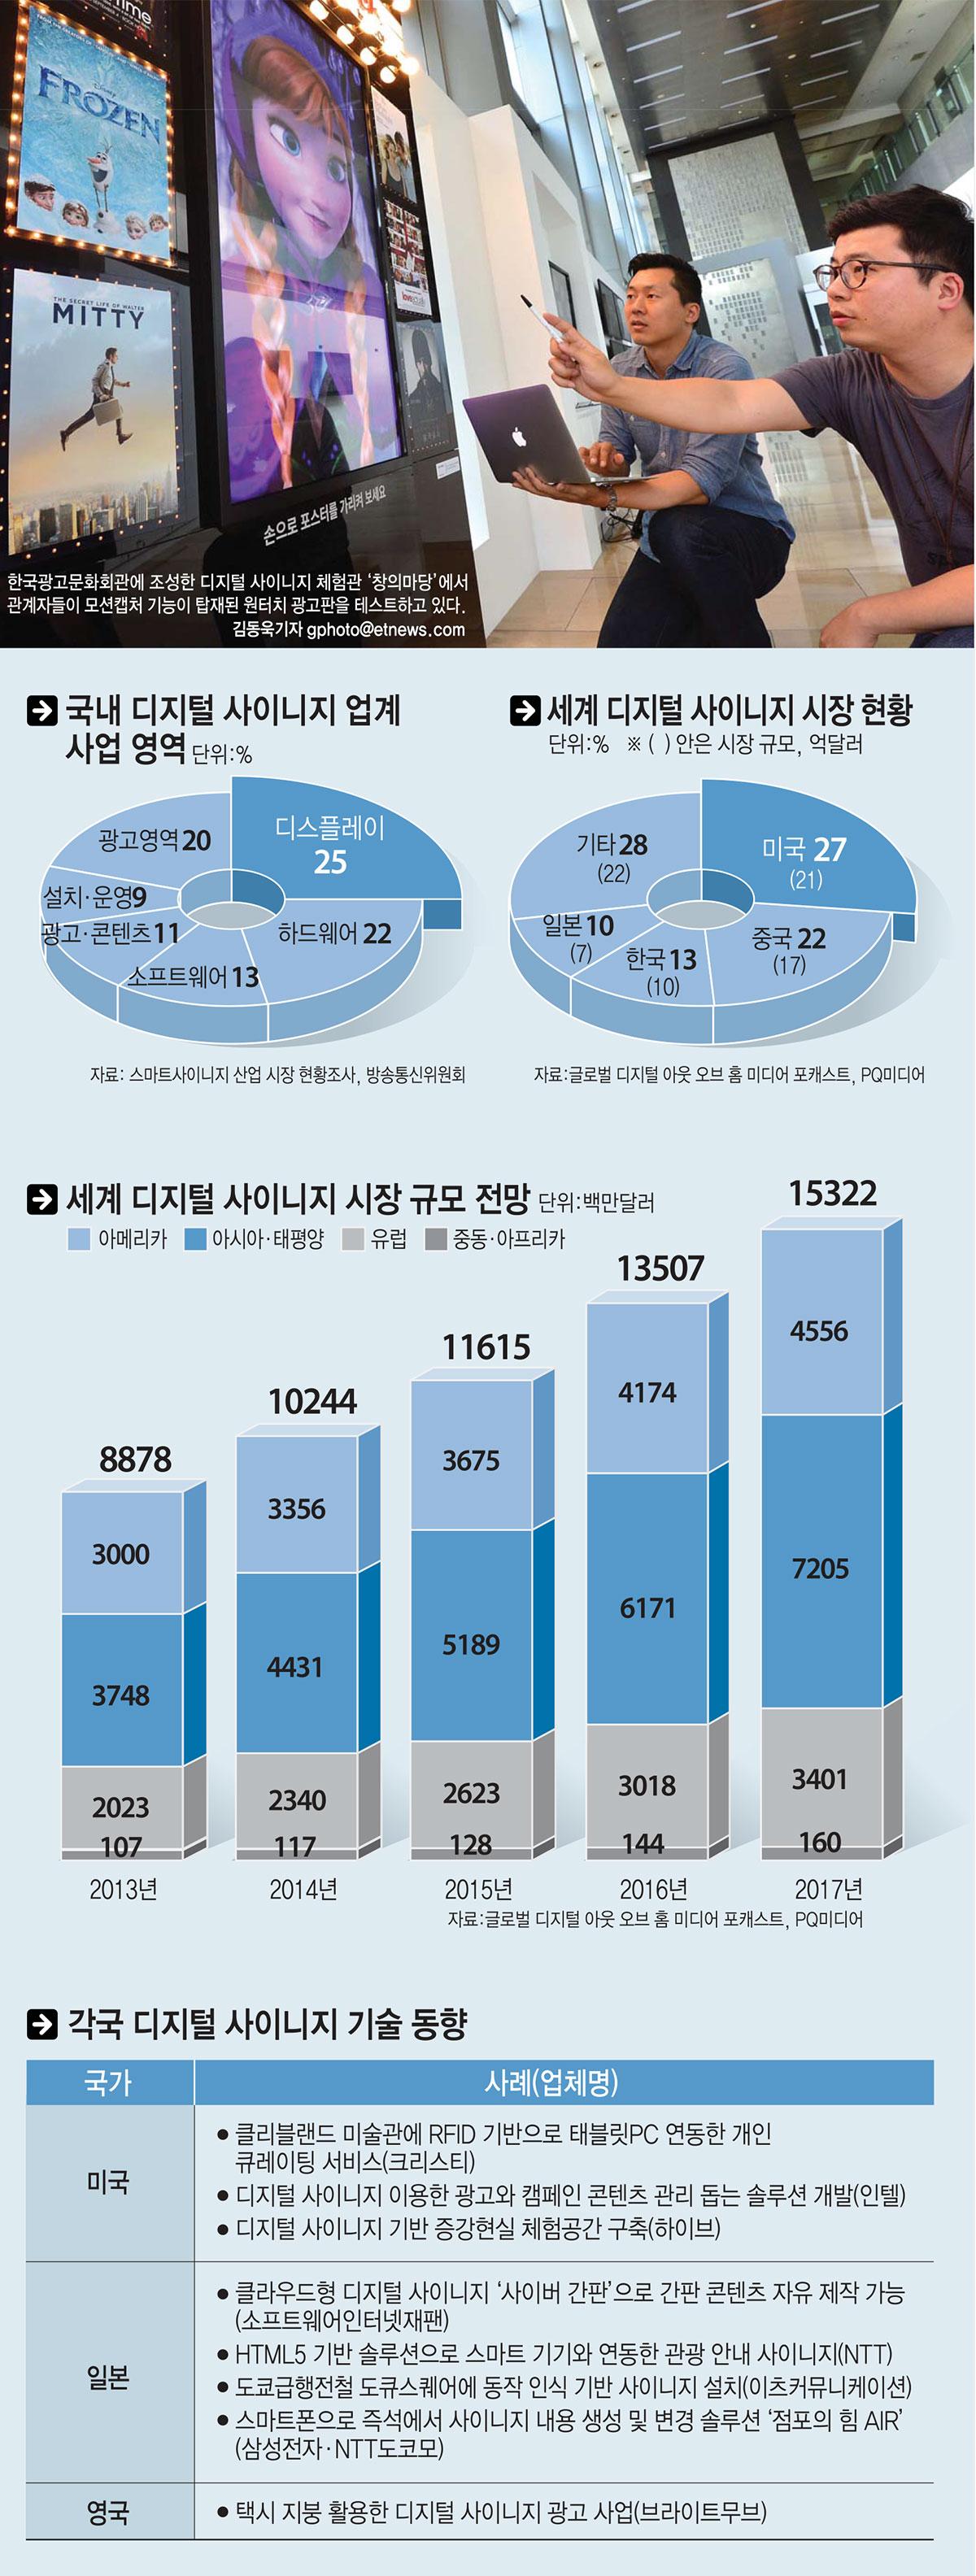 [이슈분석]솔루션, 앱 개발까지…세계로 뻗어가는 한국 사이니지